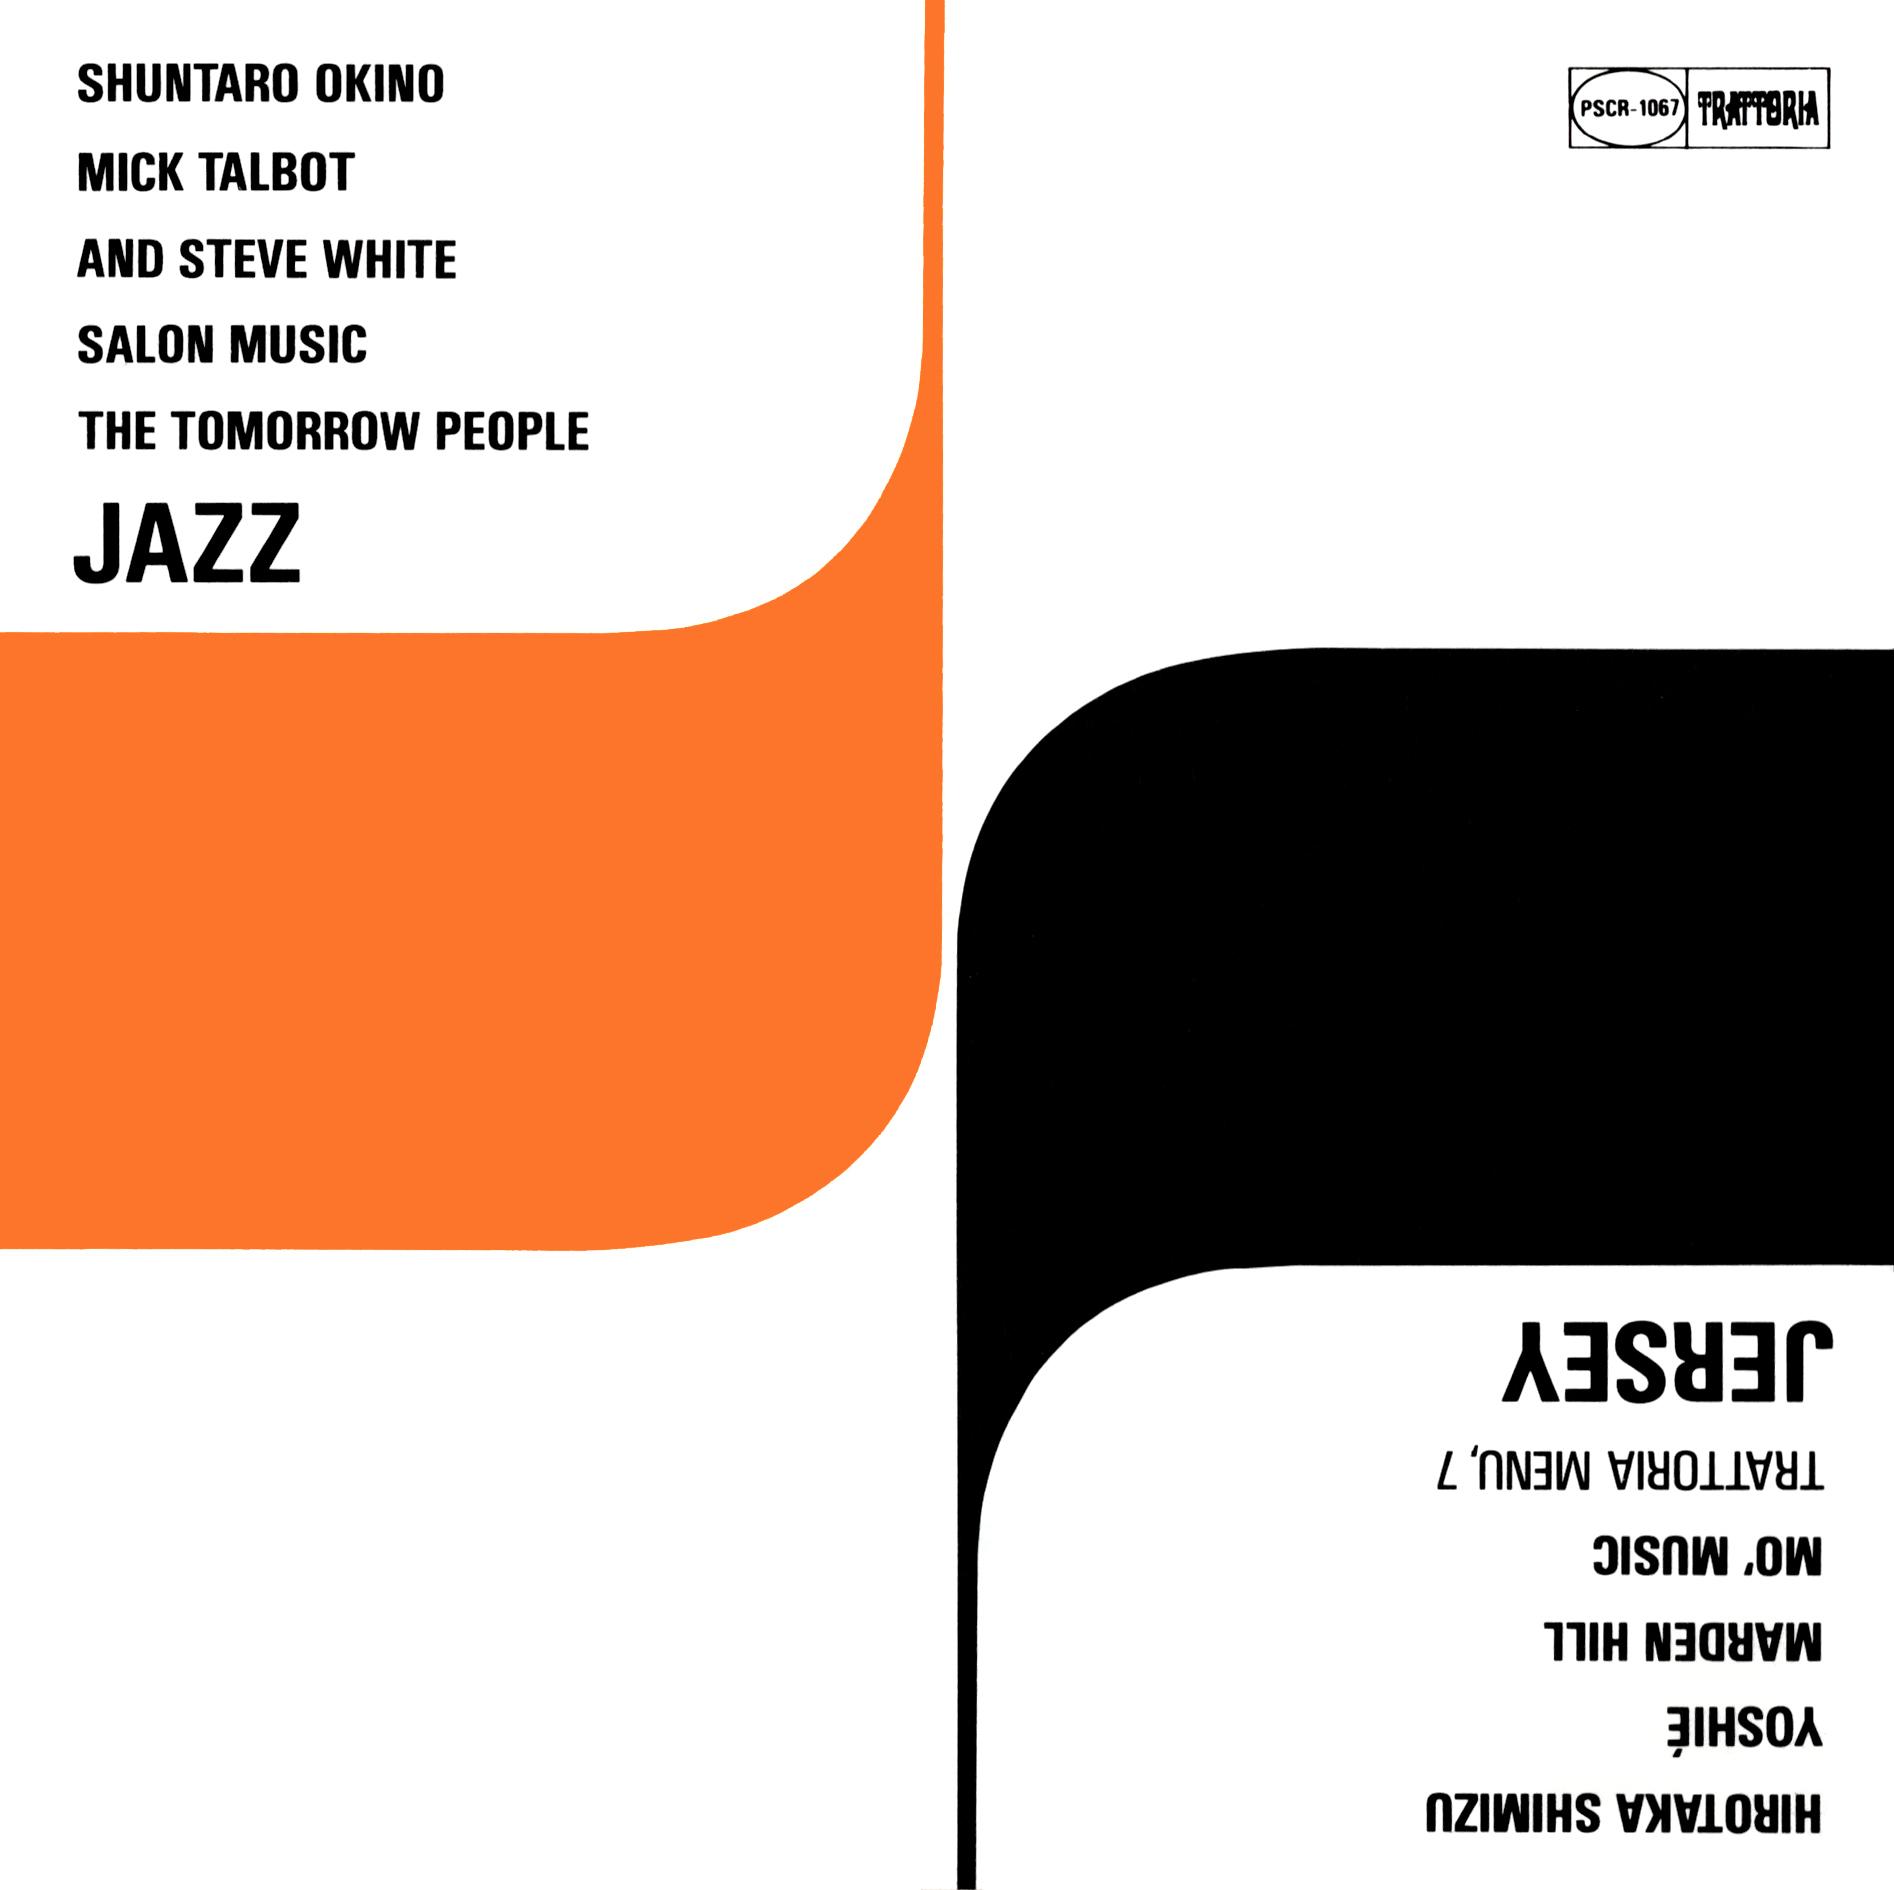 V.A.『JAZZ JERSEY (ジャズ・ジャージィー)』(1992年11月26日発売) 高画質CDジャケット画像 (ジャケ写)